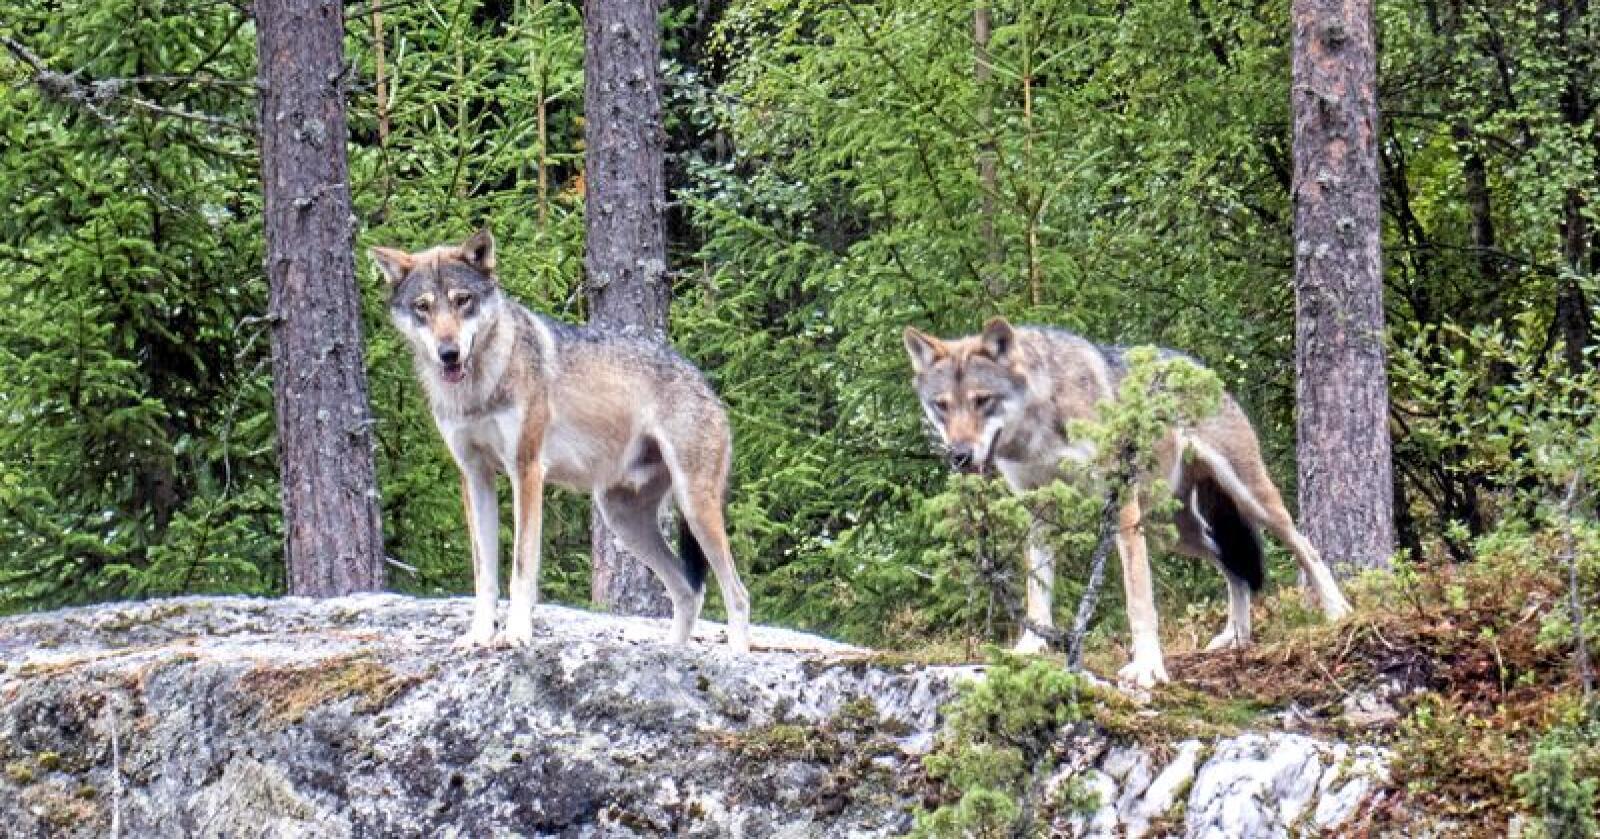 Ulv, her i bjørneparken i Flå. Foto: Paul Kleiven / NTB scanpix